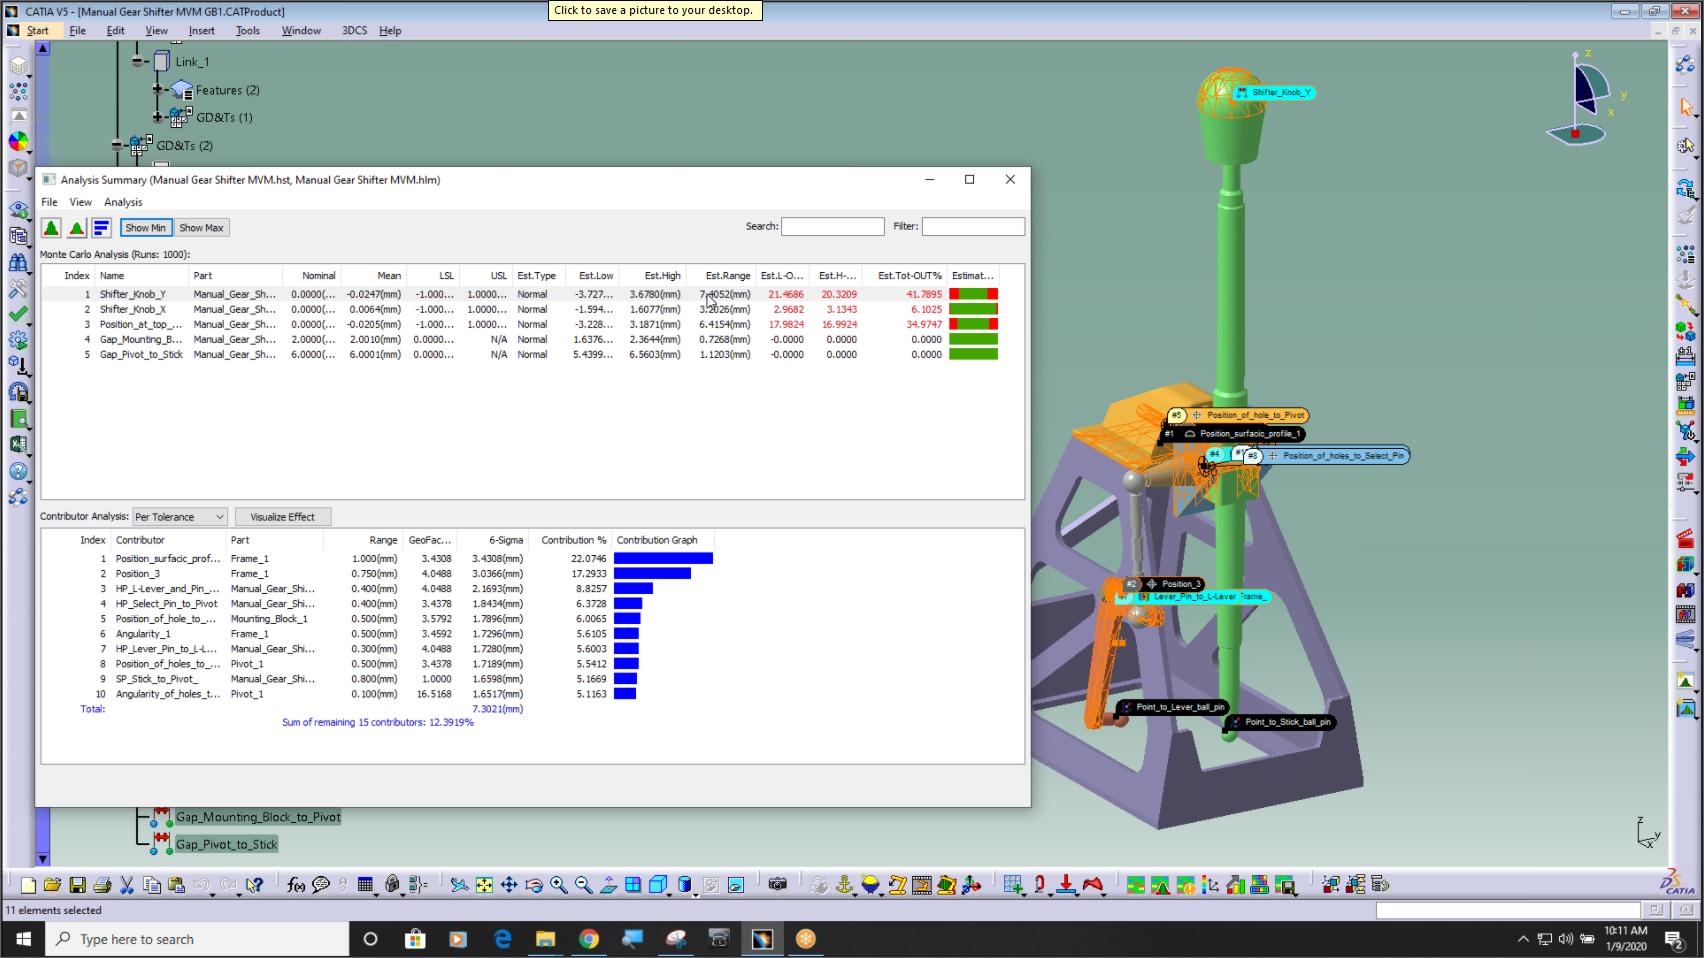 gear-shifter-2-analysis-plus-model